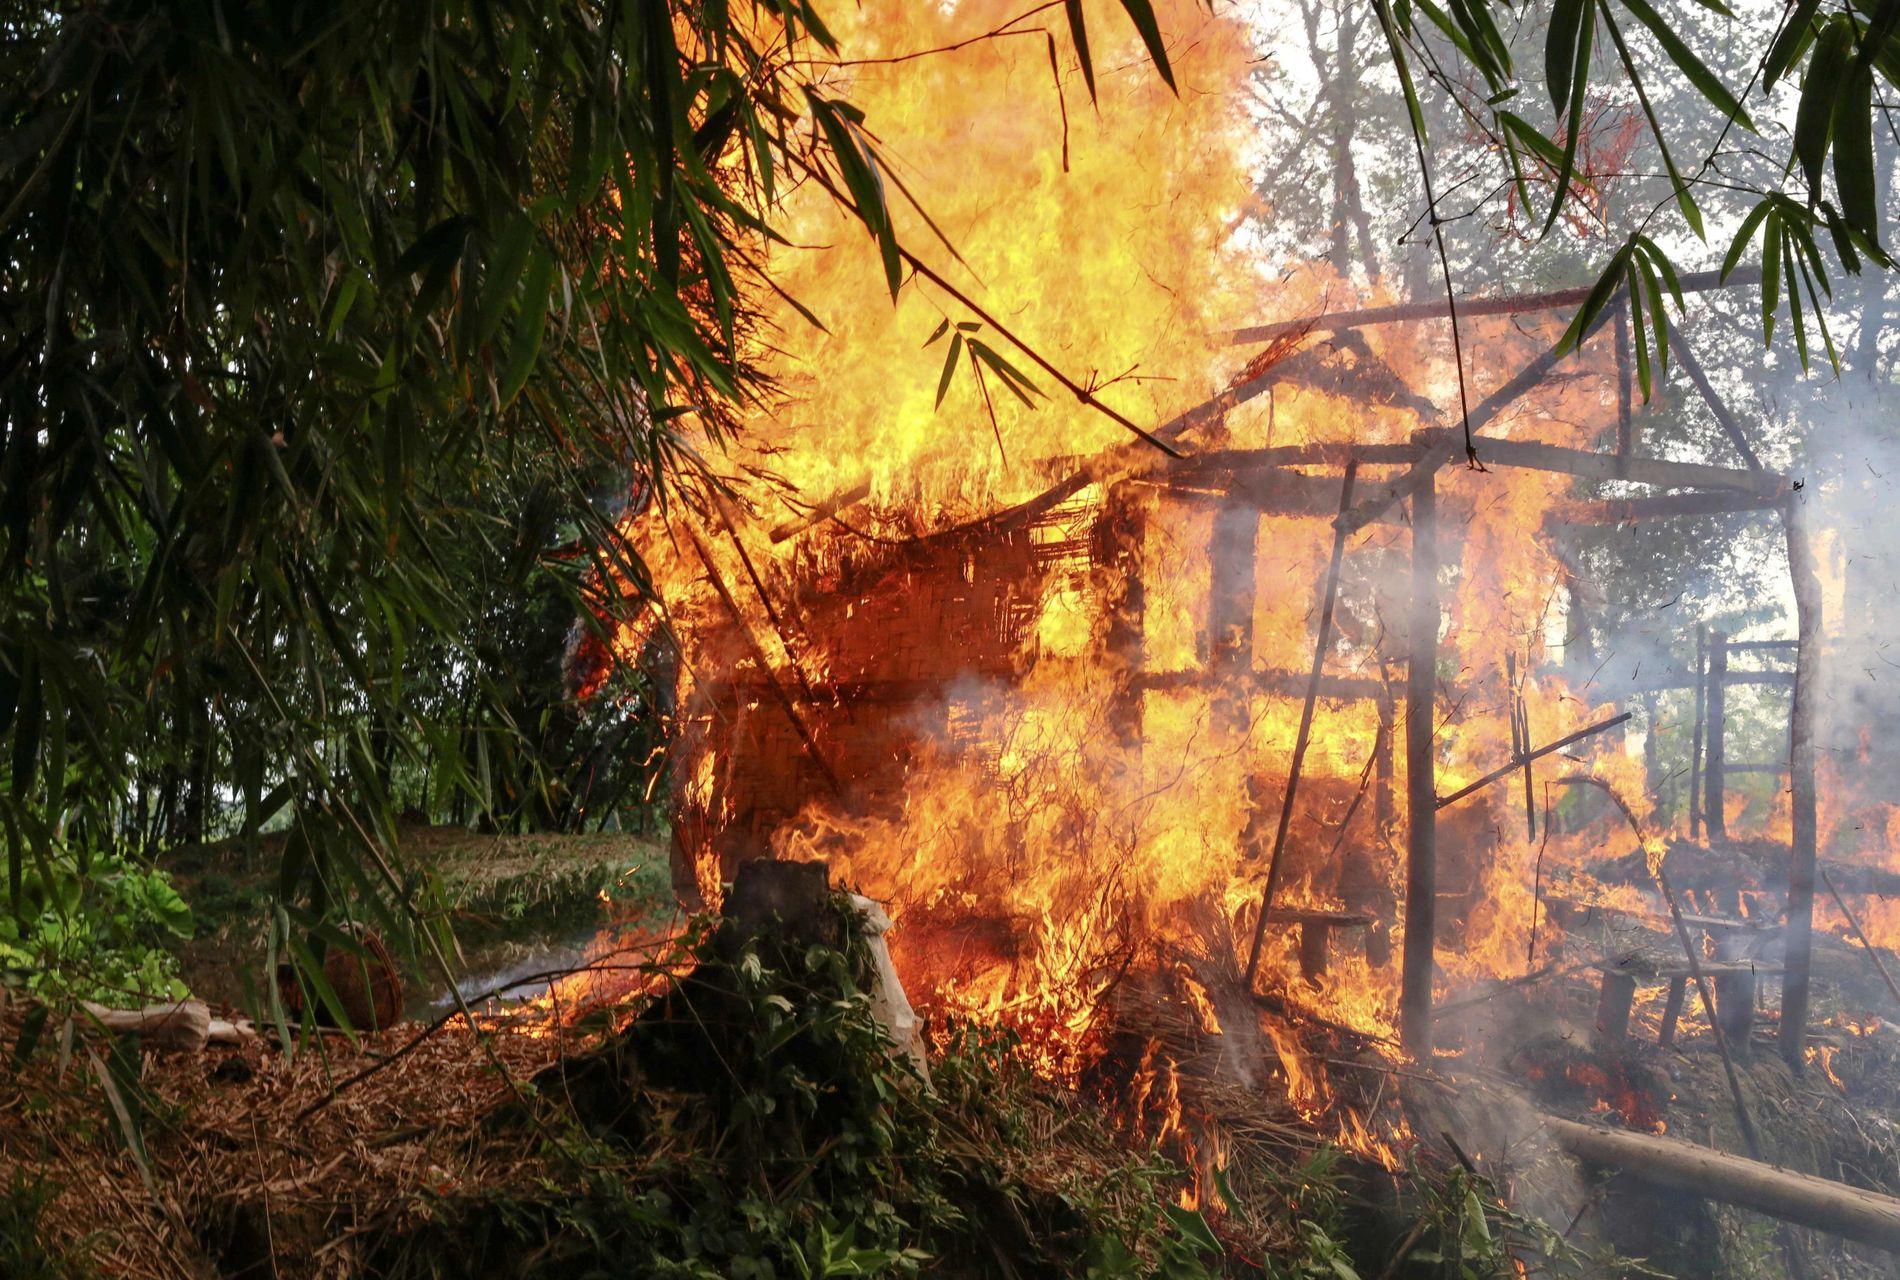 HELE LANDSBYER BRENT: Dette bildet er tatt den 7. september, og viser et brennende hus i Gawdu Tharya Rakhine-regionen.